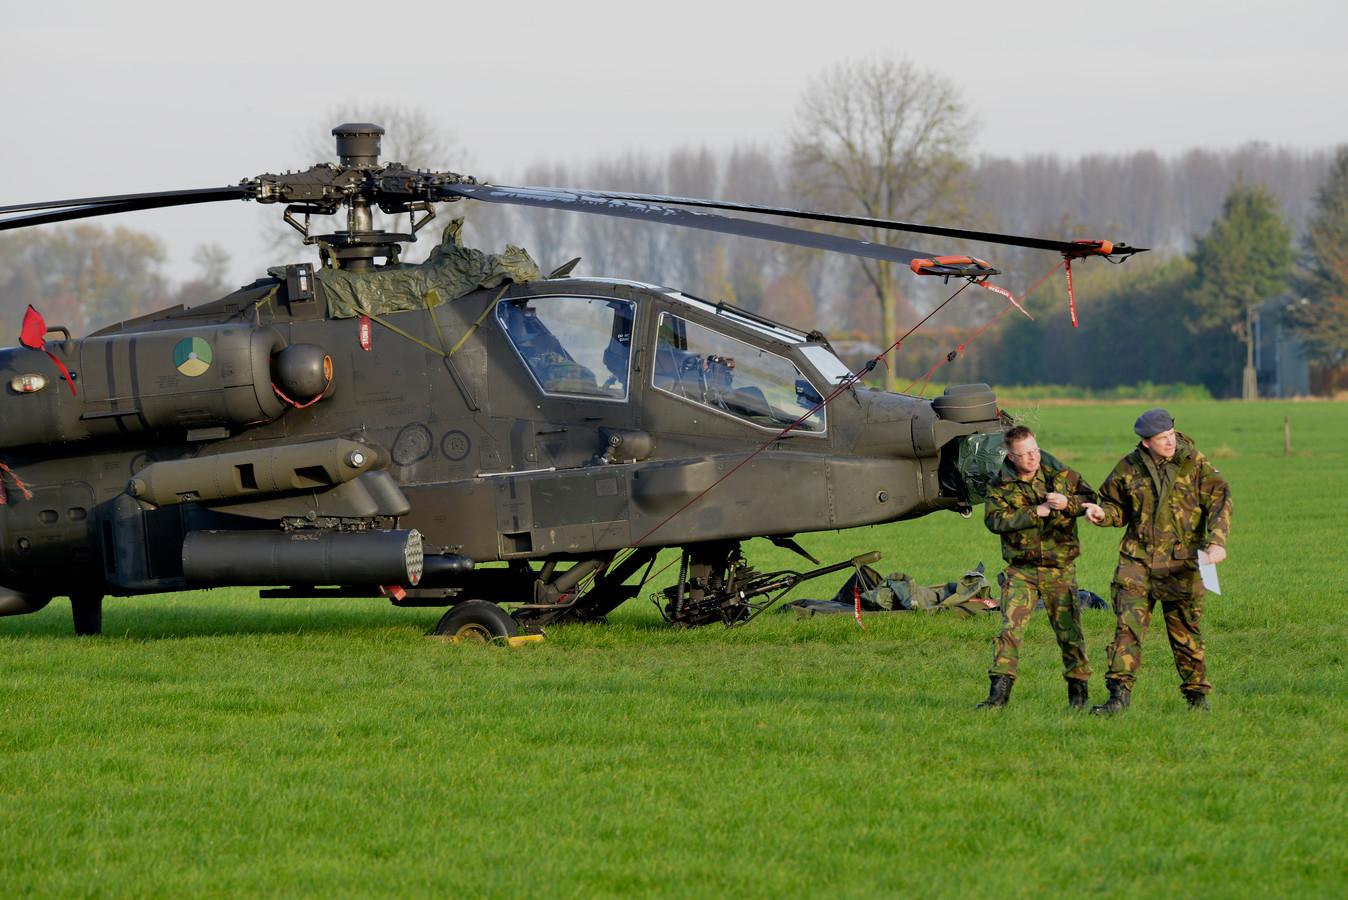 Onderzoek naar de  Apache helicopter die tijdens een laagvliegoefening de bliksemdraad van een hoogspanningslijn raakte.